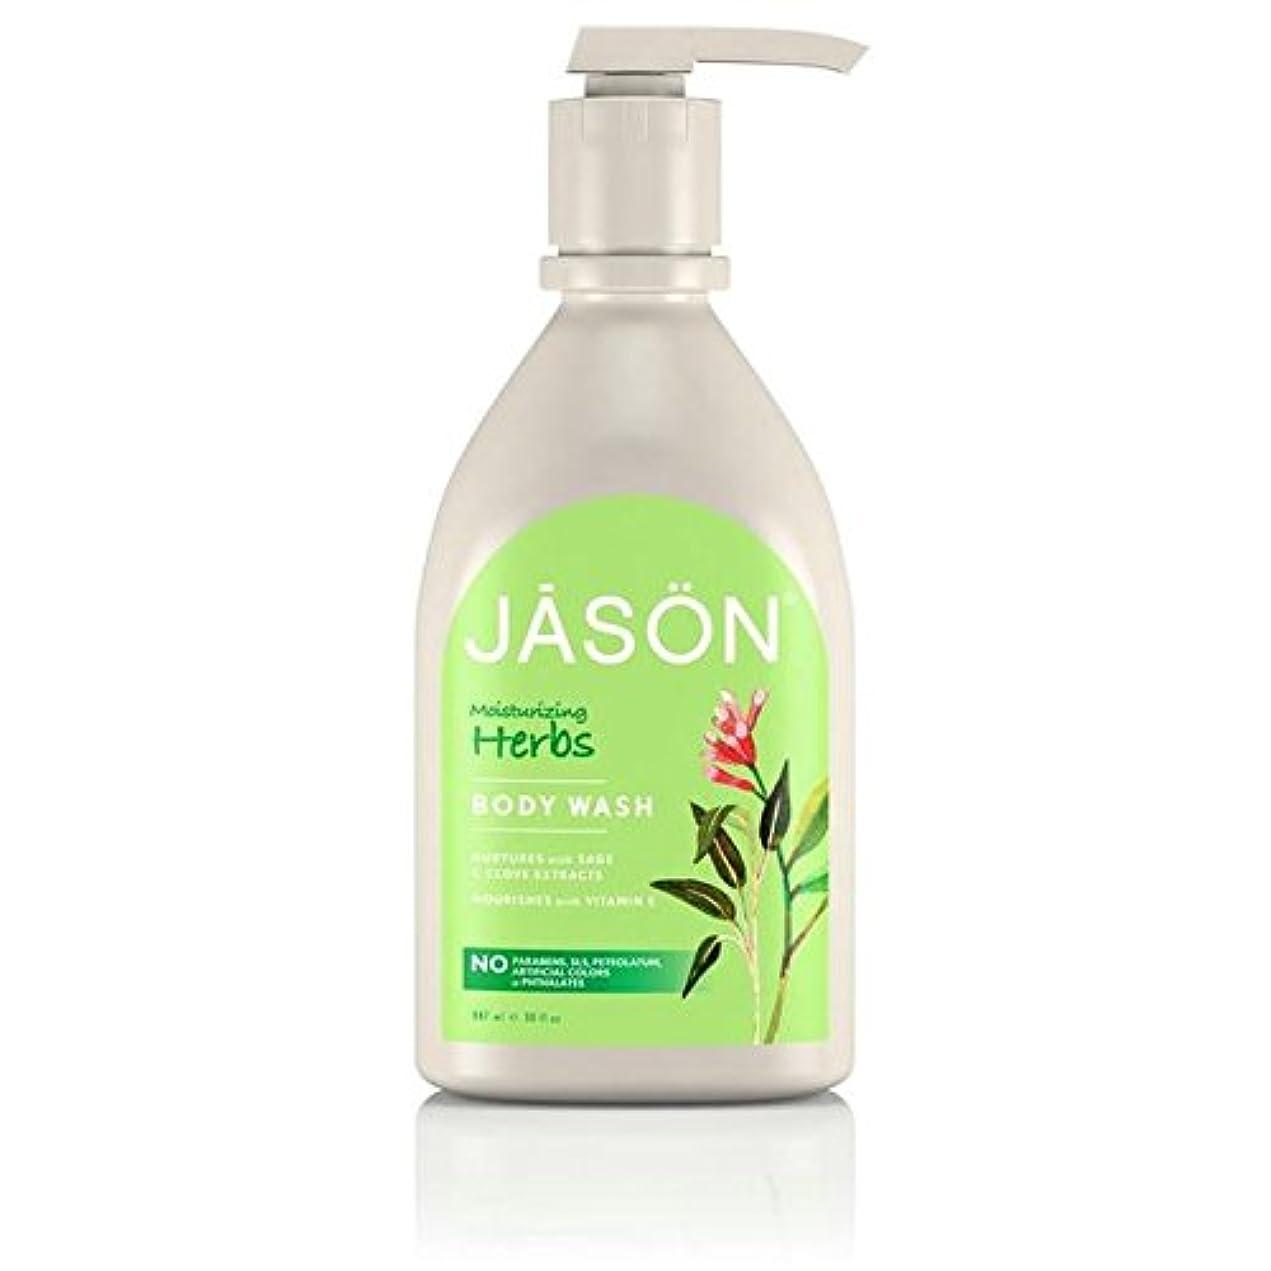 制限社会主義者識別ジェイソン?ハーブサテンボディウォッシュポンプ900ミリリットル x2 - Jason Herbal Satin Body Wash Pump 900ml (Pack of 2) [並行輸入品]